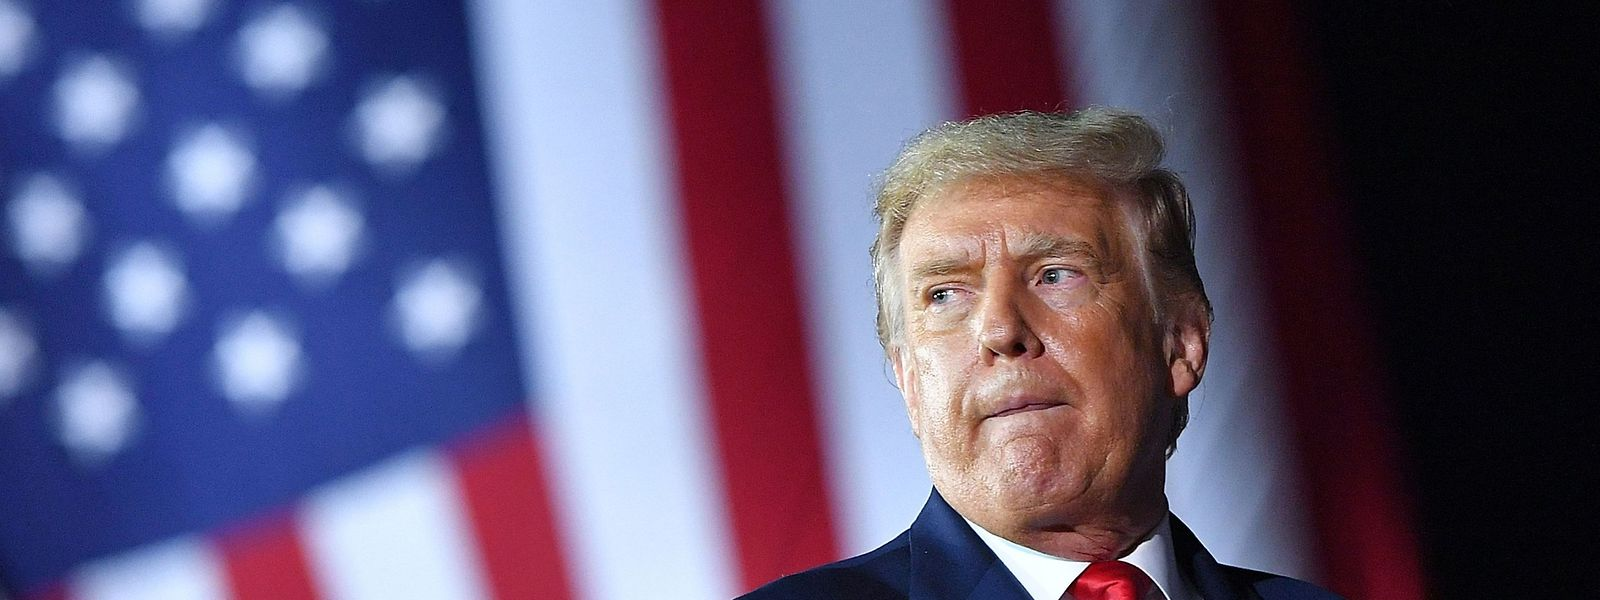 Donald Trump während eines Wahlkampfauftritts in Freeland, Michigan.